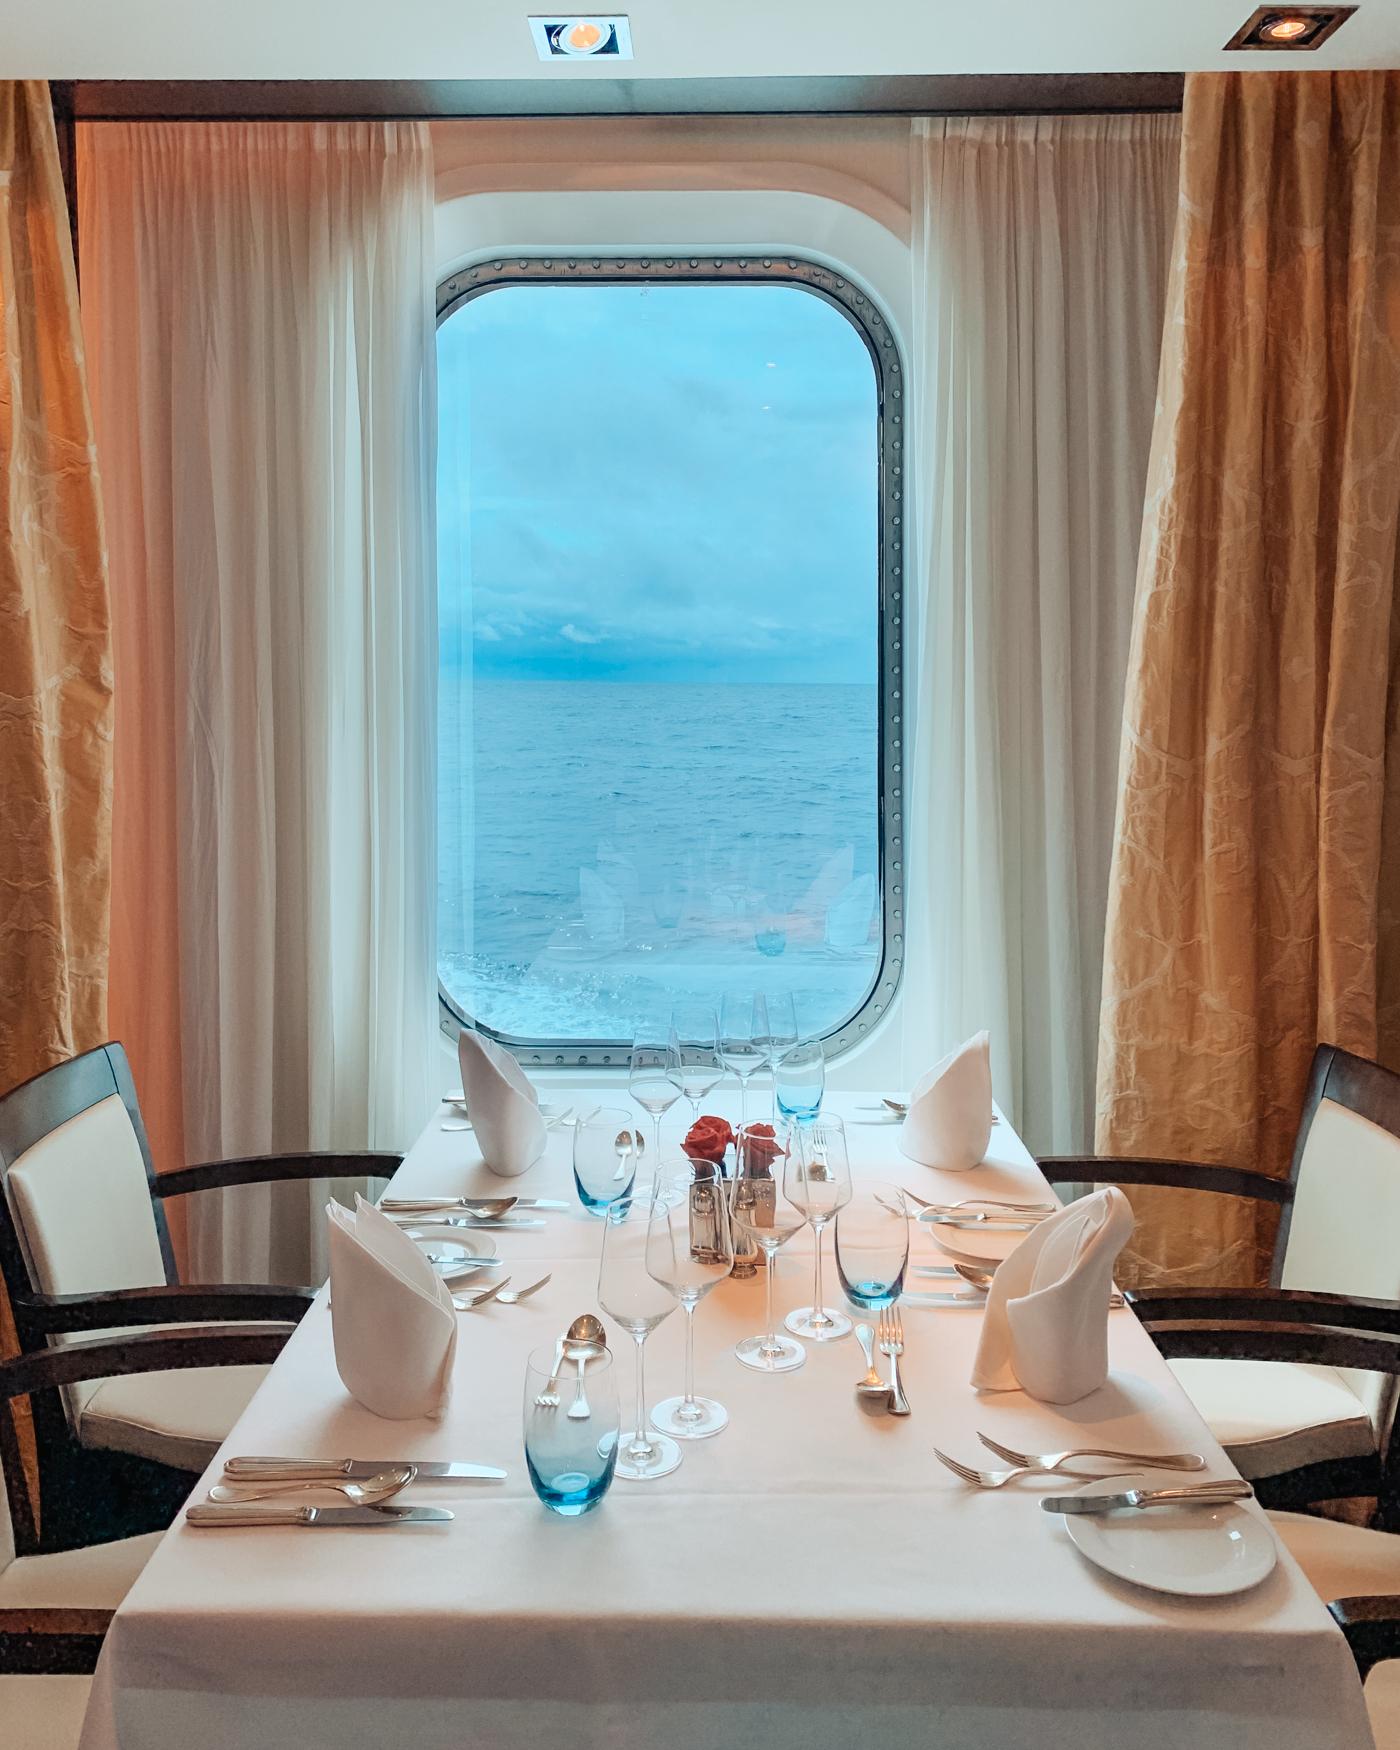 cruise-dining-window.jpg